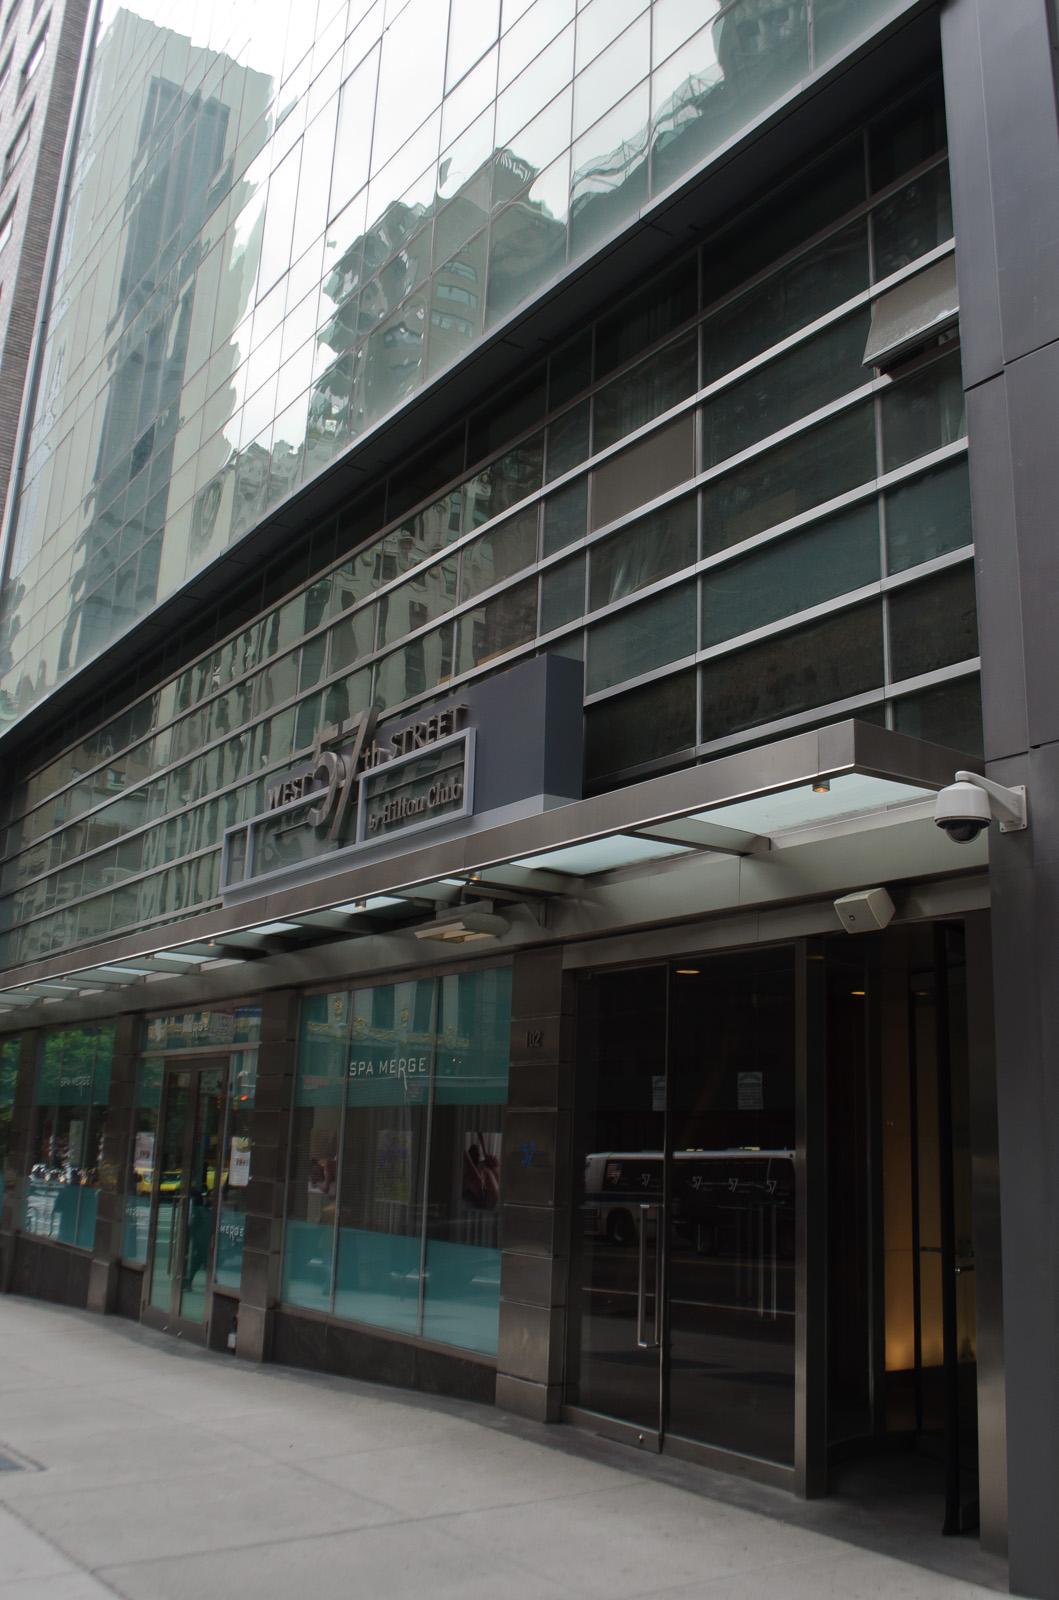 File:West 57th Street By Hilton Club, New York (7208224204